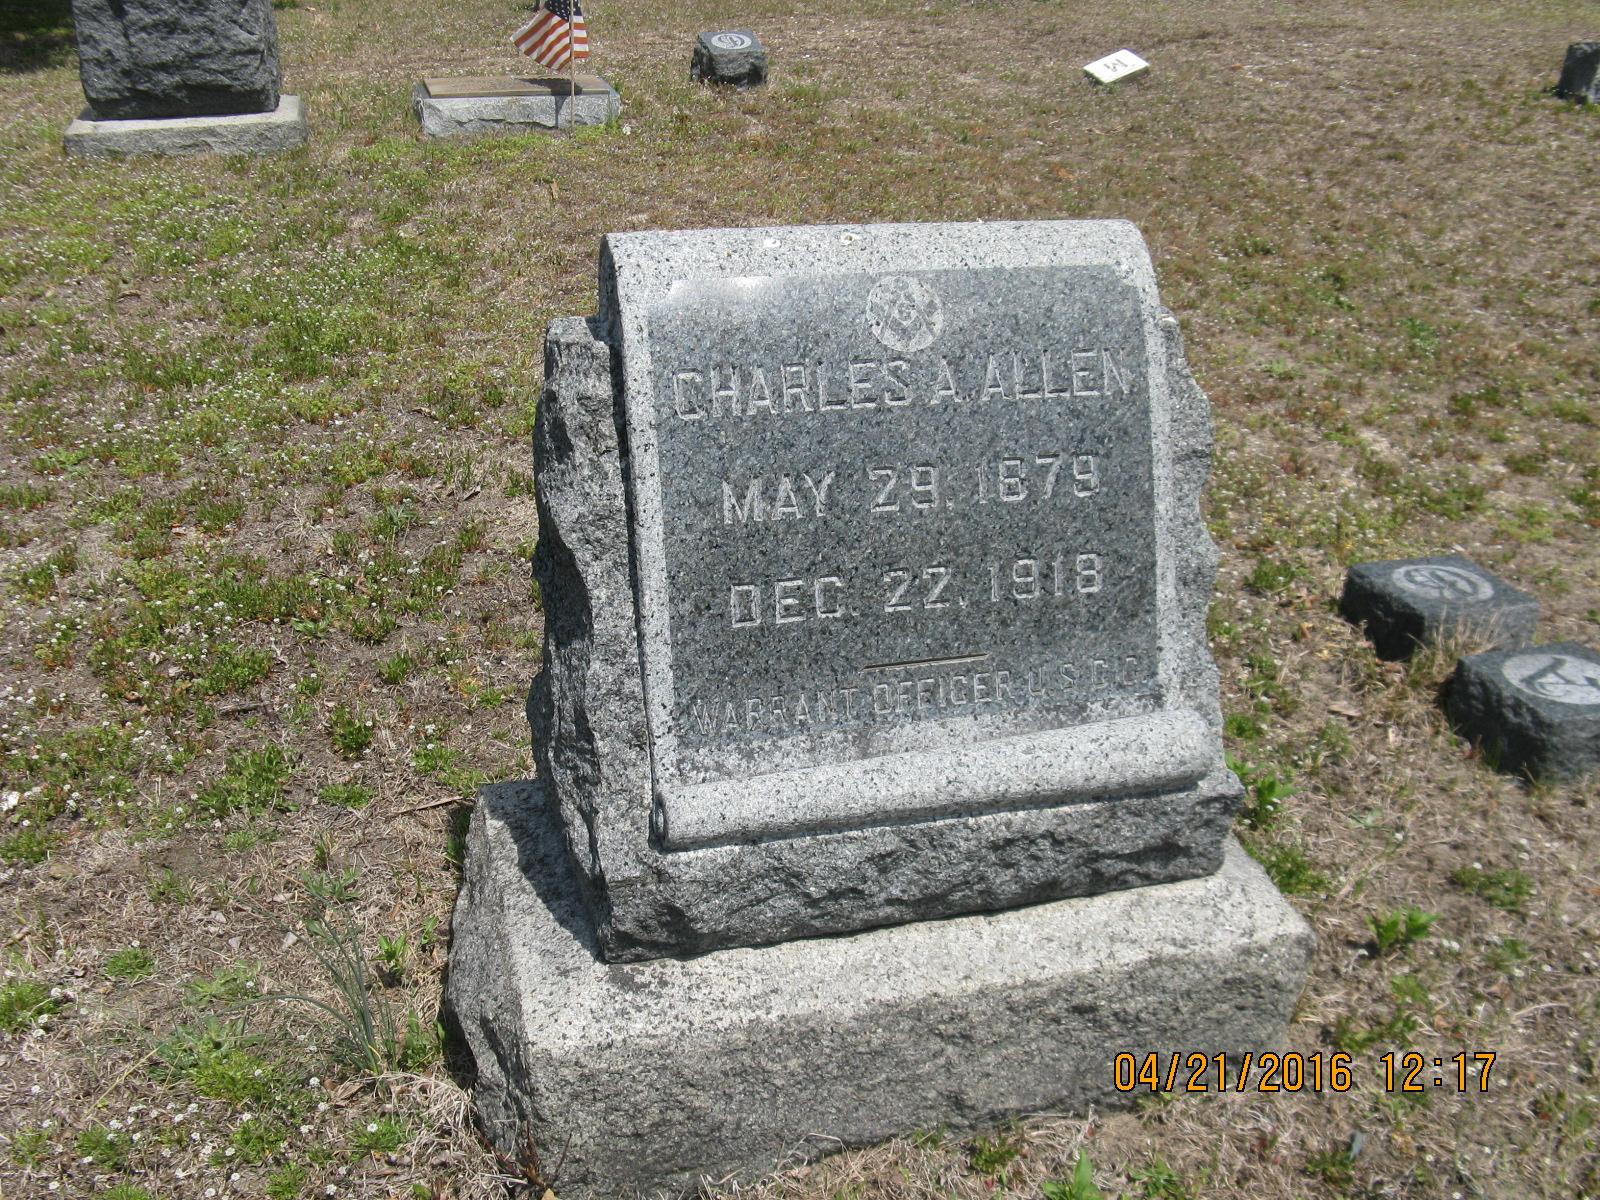 Charles Arnold Allen